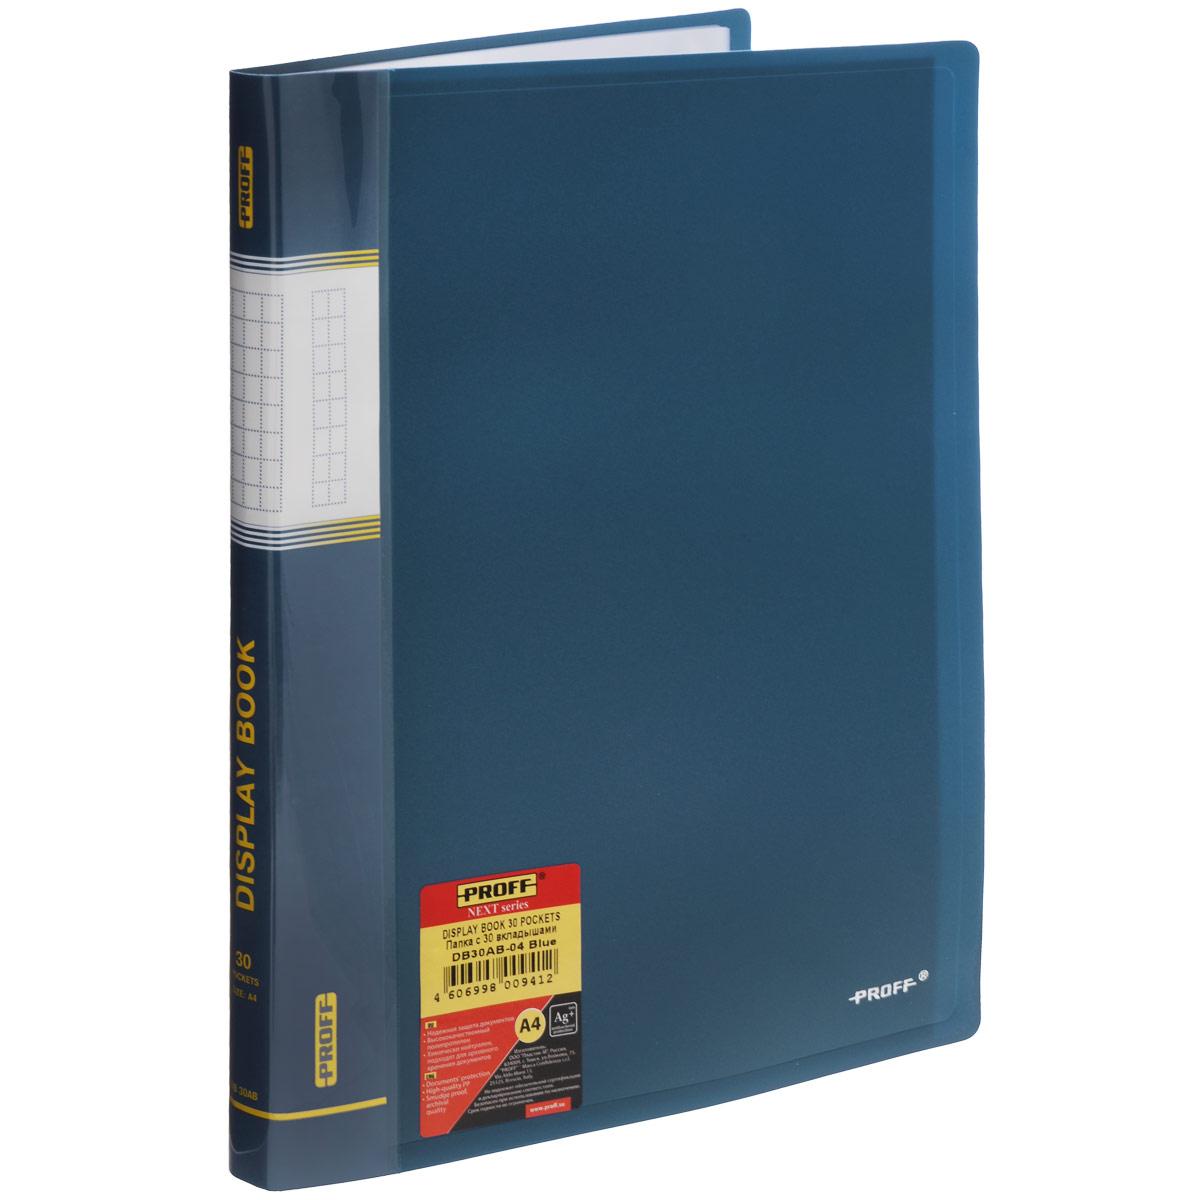 Proff Папка с файлами Next 30 листов цвет синий